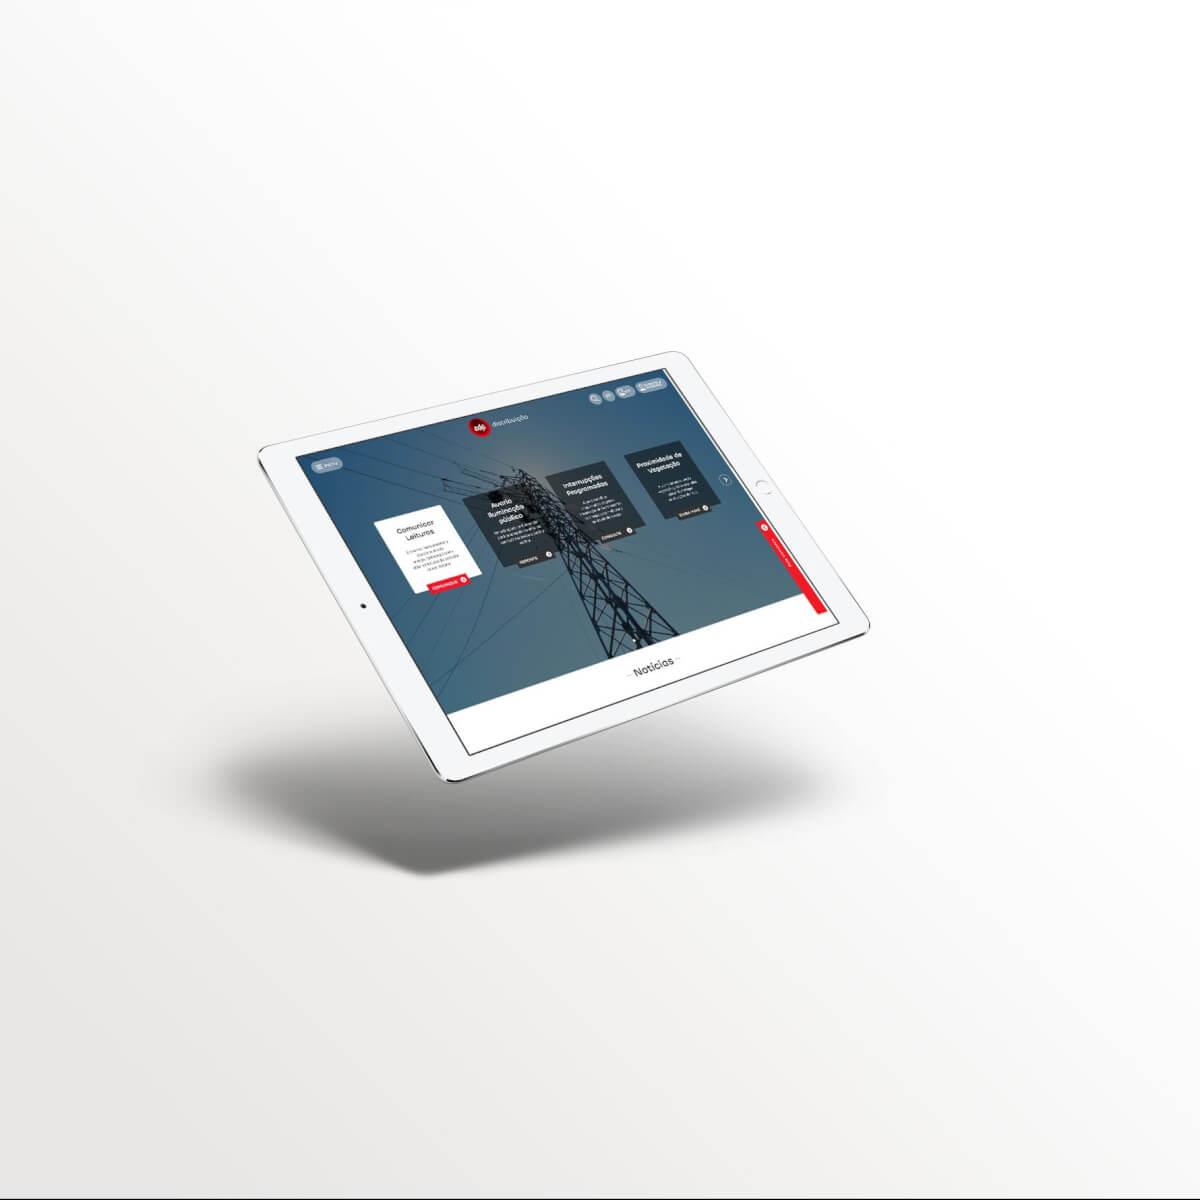 Consultoria para desenvolvimento de novo site EDP Distribuição pela Mind Forward, agência de marketing digital